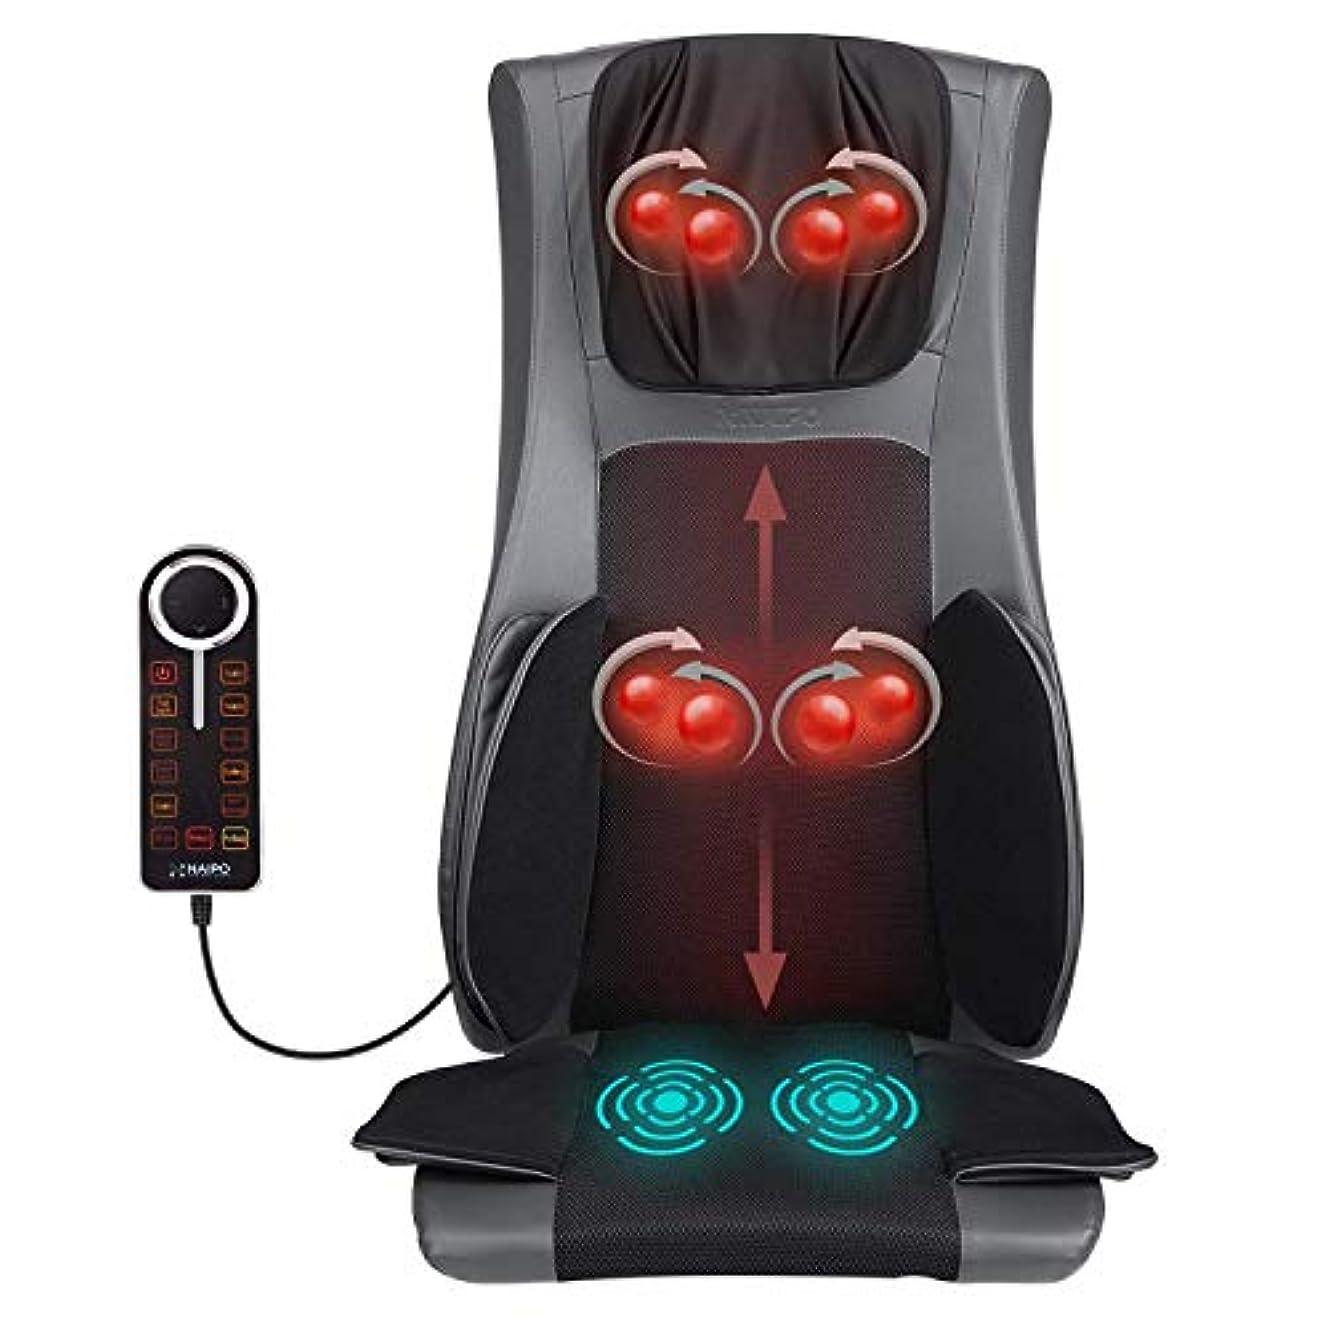 実験推定するシチリア[Naipo] [Naipo マッサージ機 Back Massager Shiatsu Massage Chair Cushion, Electric Full Body Massage Seat Pad with Soothing...